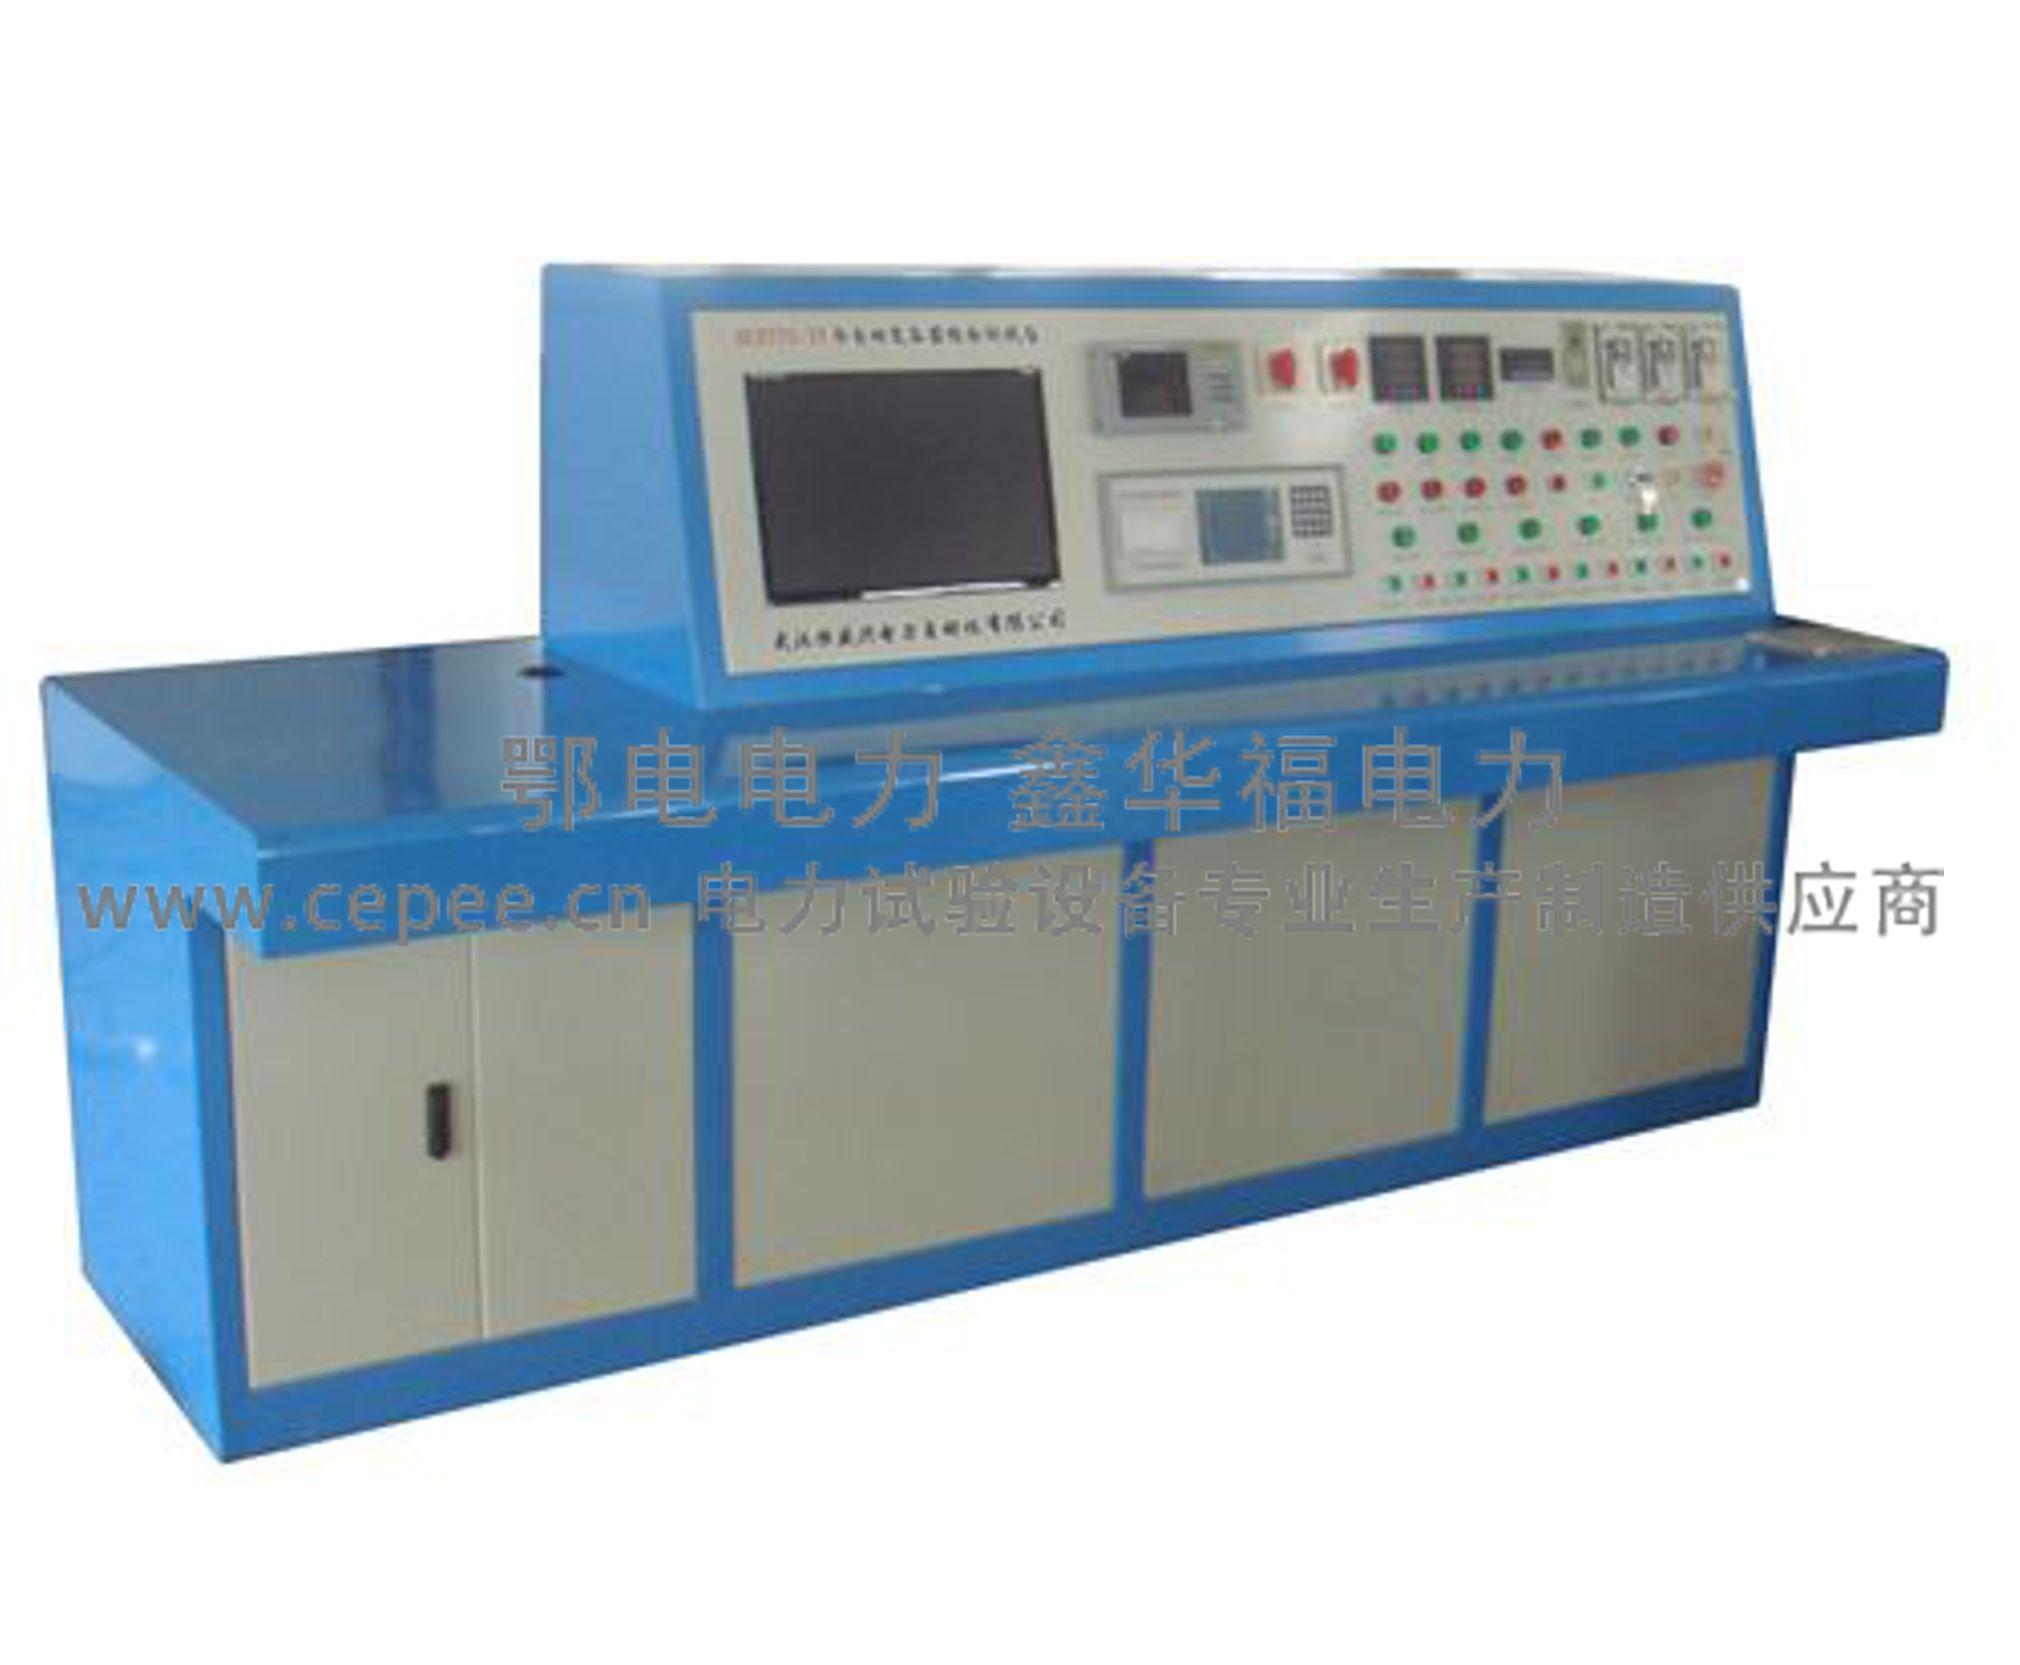 鄂电电力专业生产变压器检测仪